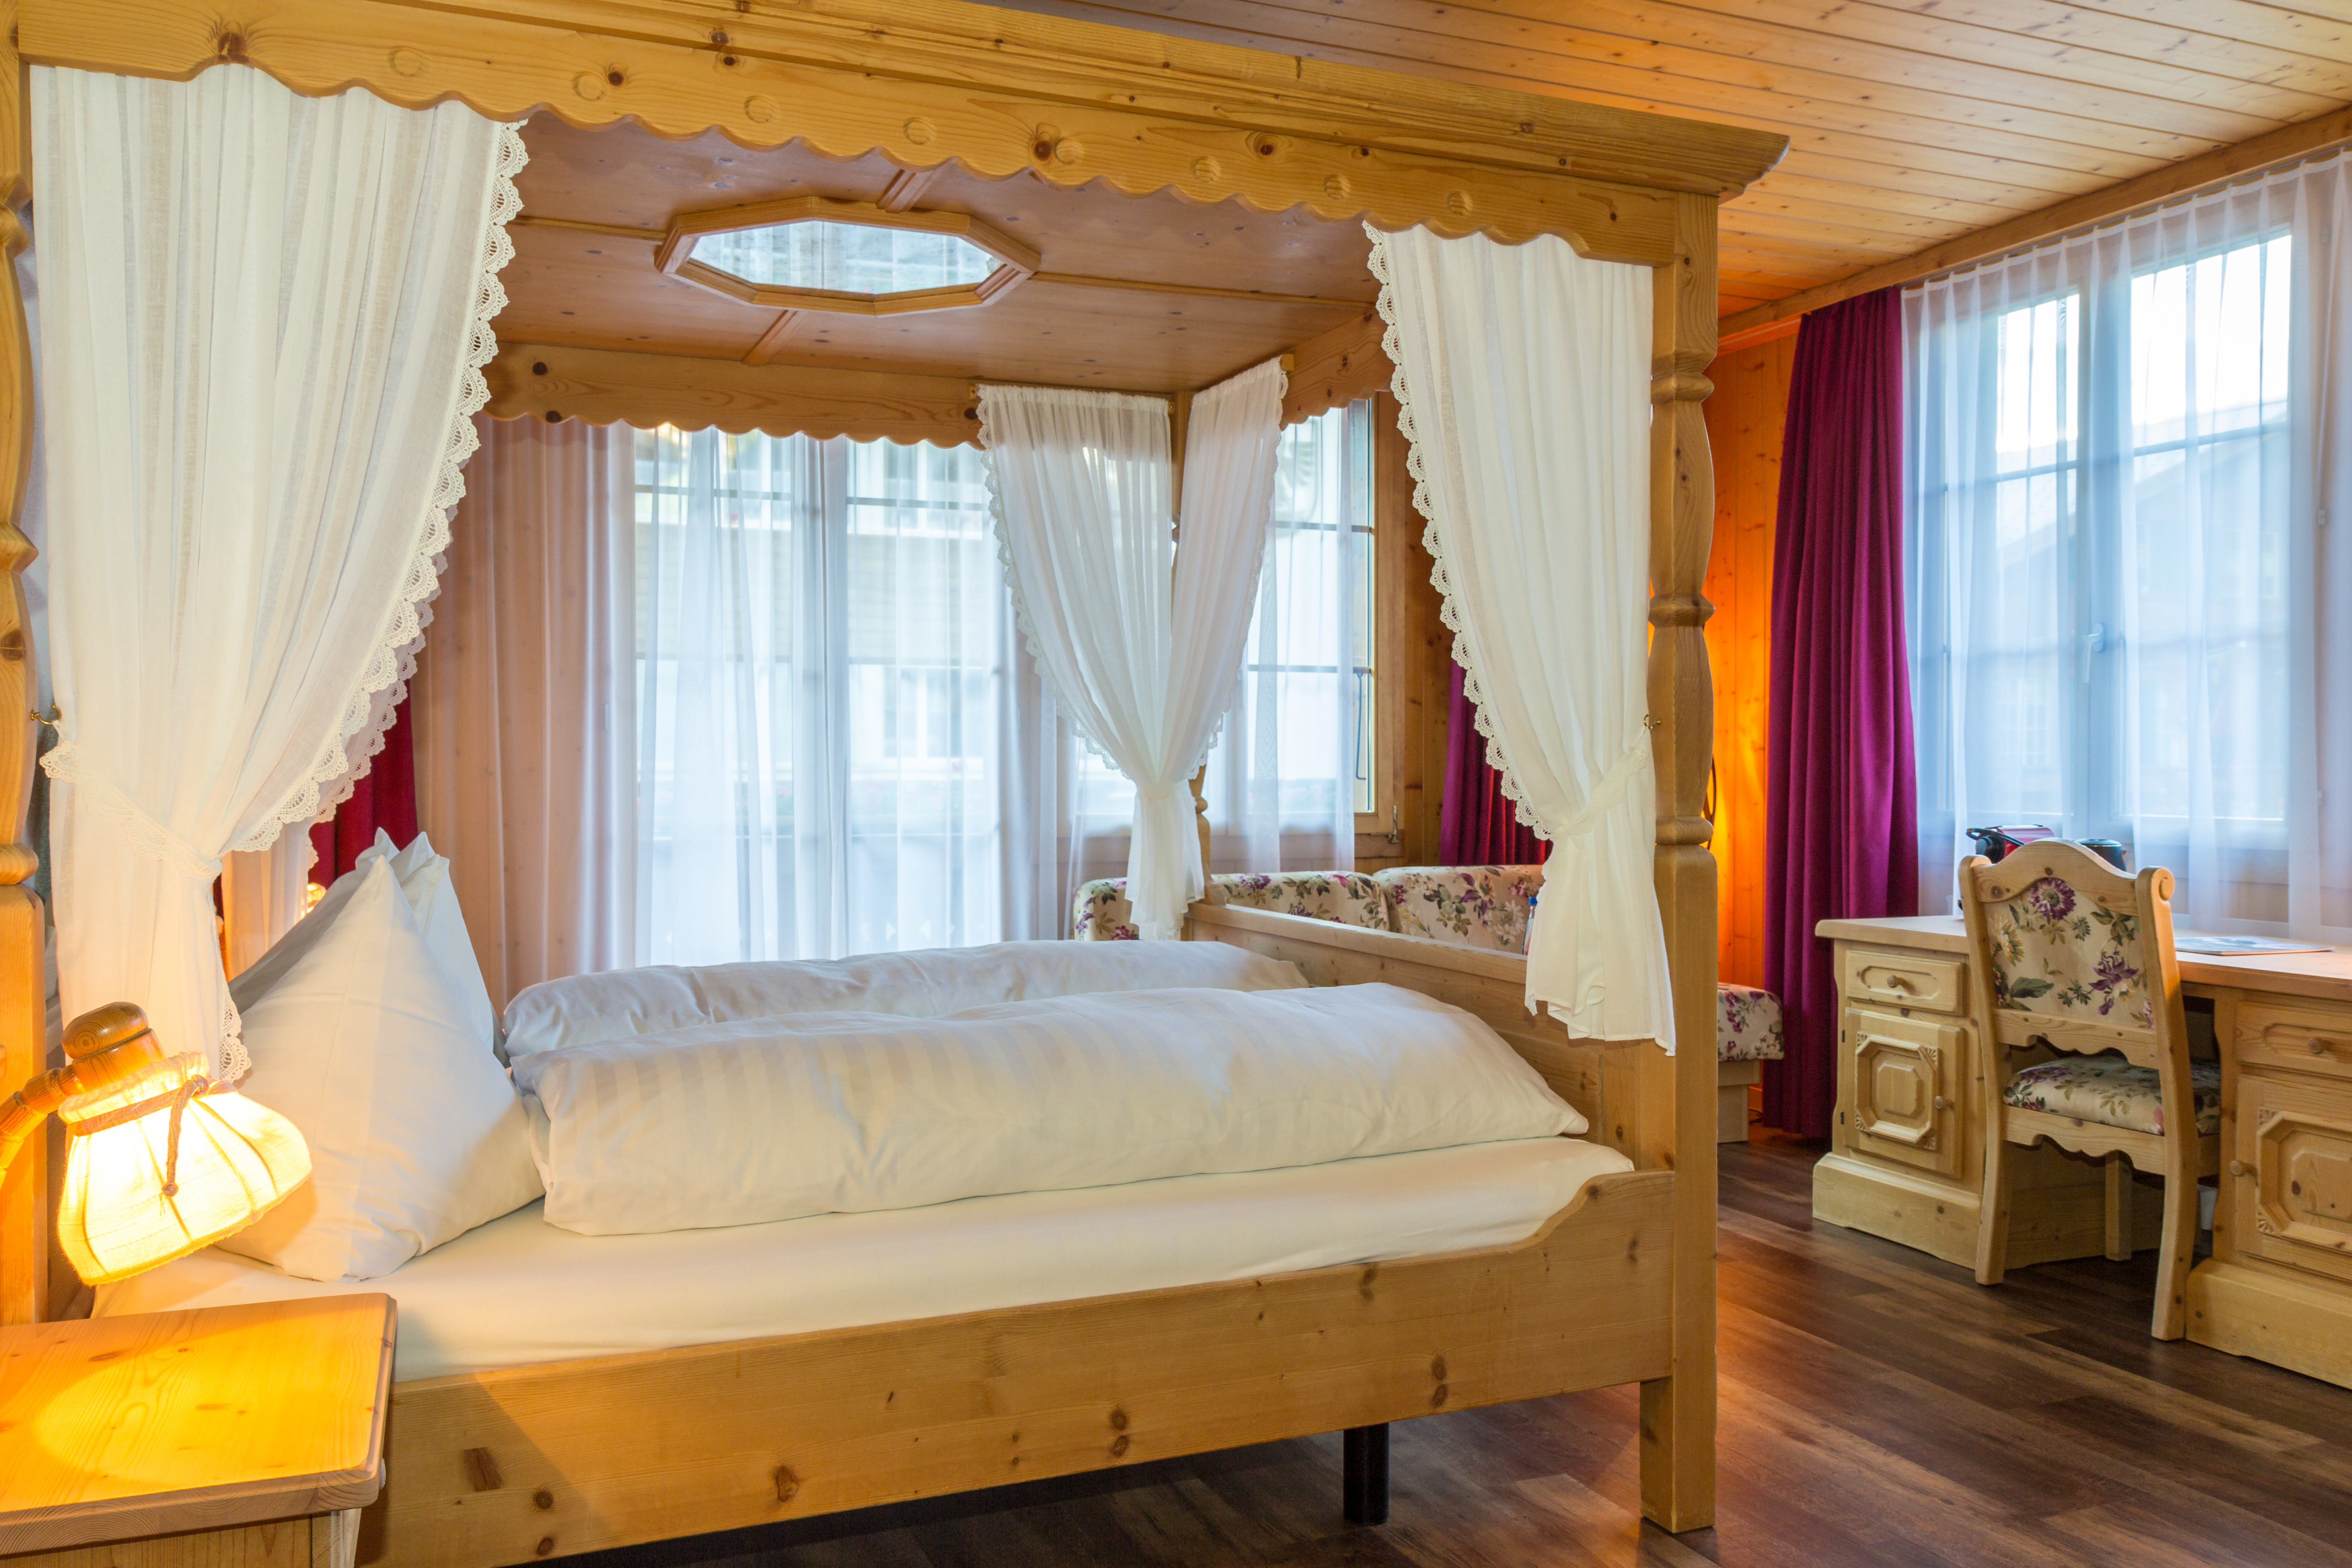 Himmelbett Doppelzimmer Hotel Bären